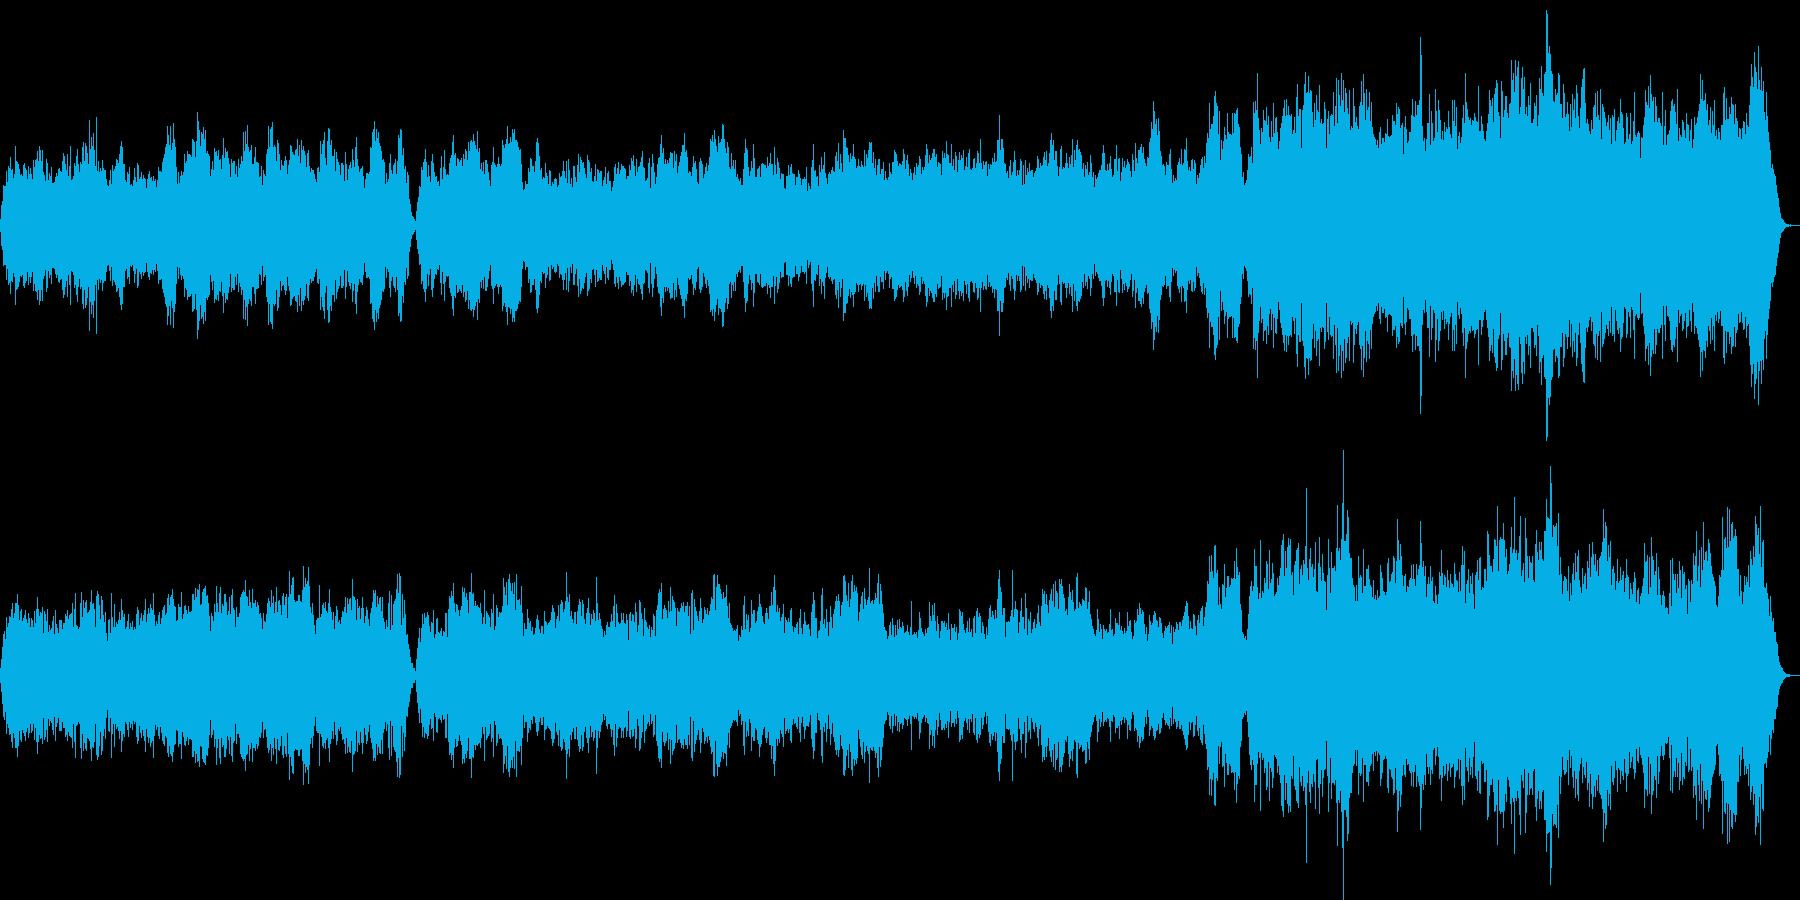 弦楽合奏曲で哀愁のあるワルツの曲の再生済みの波形